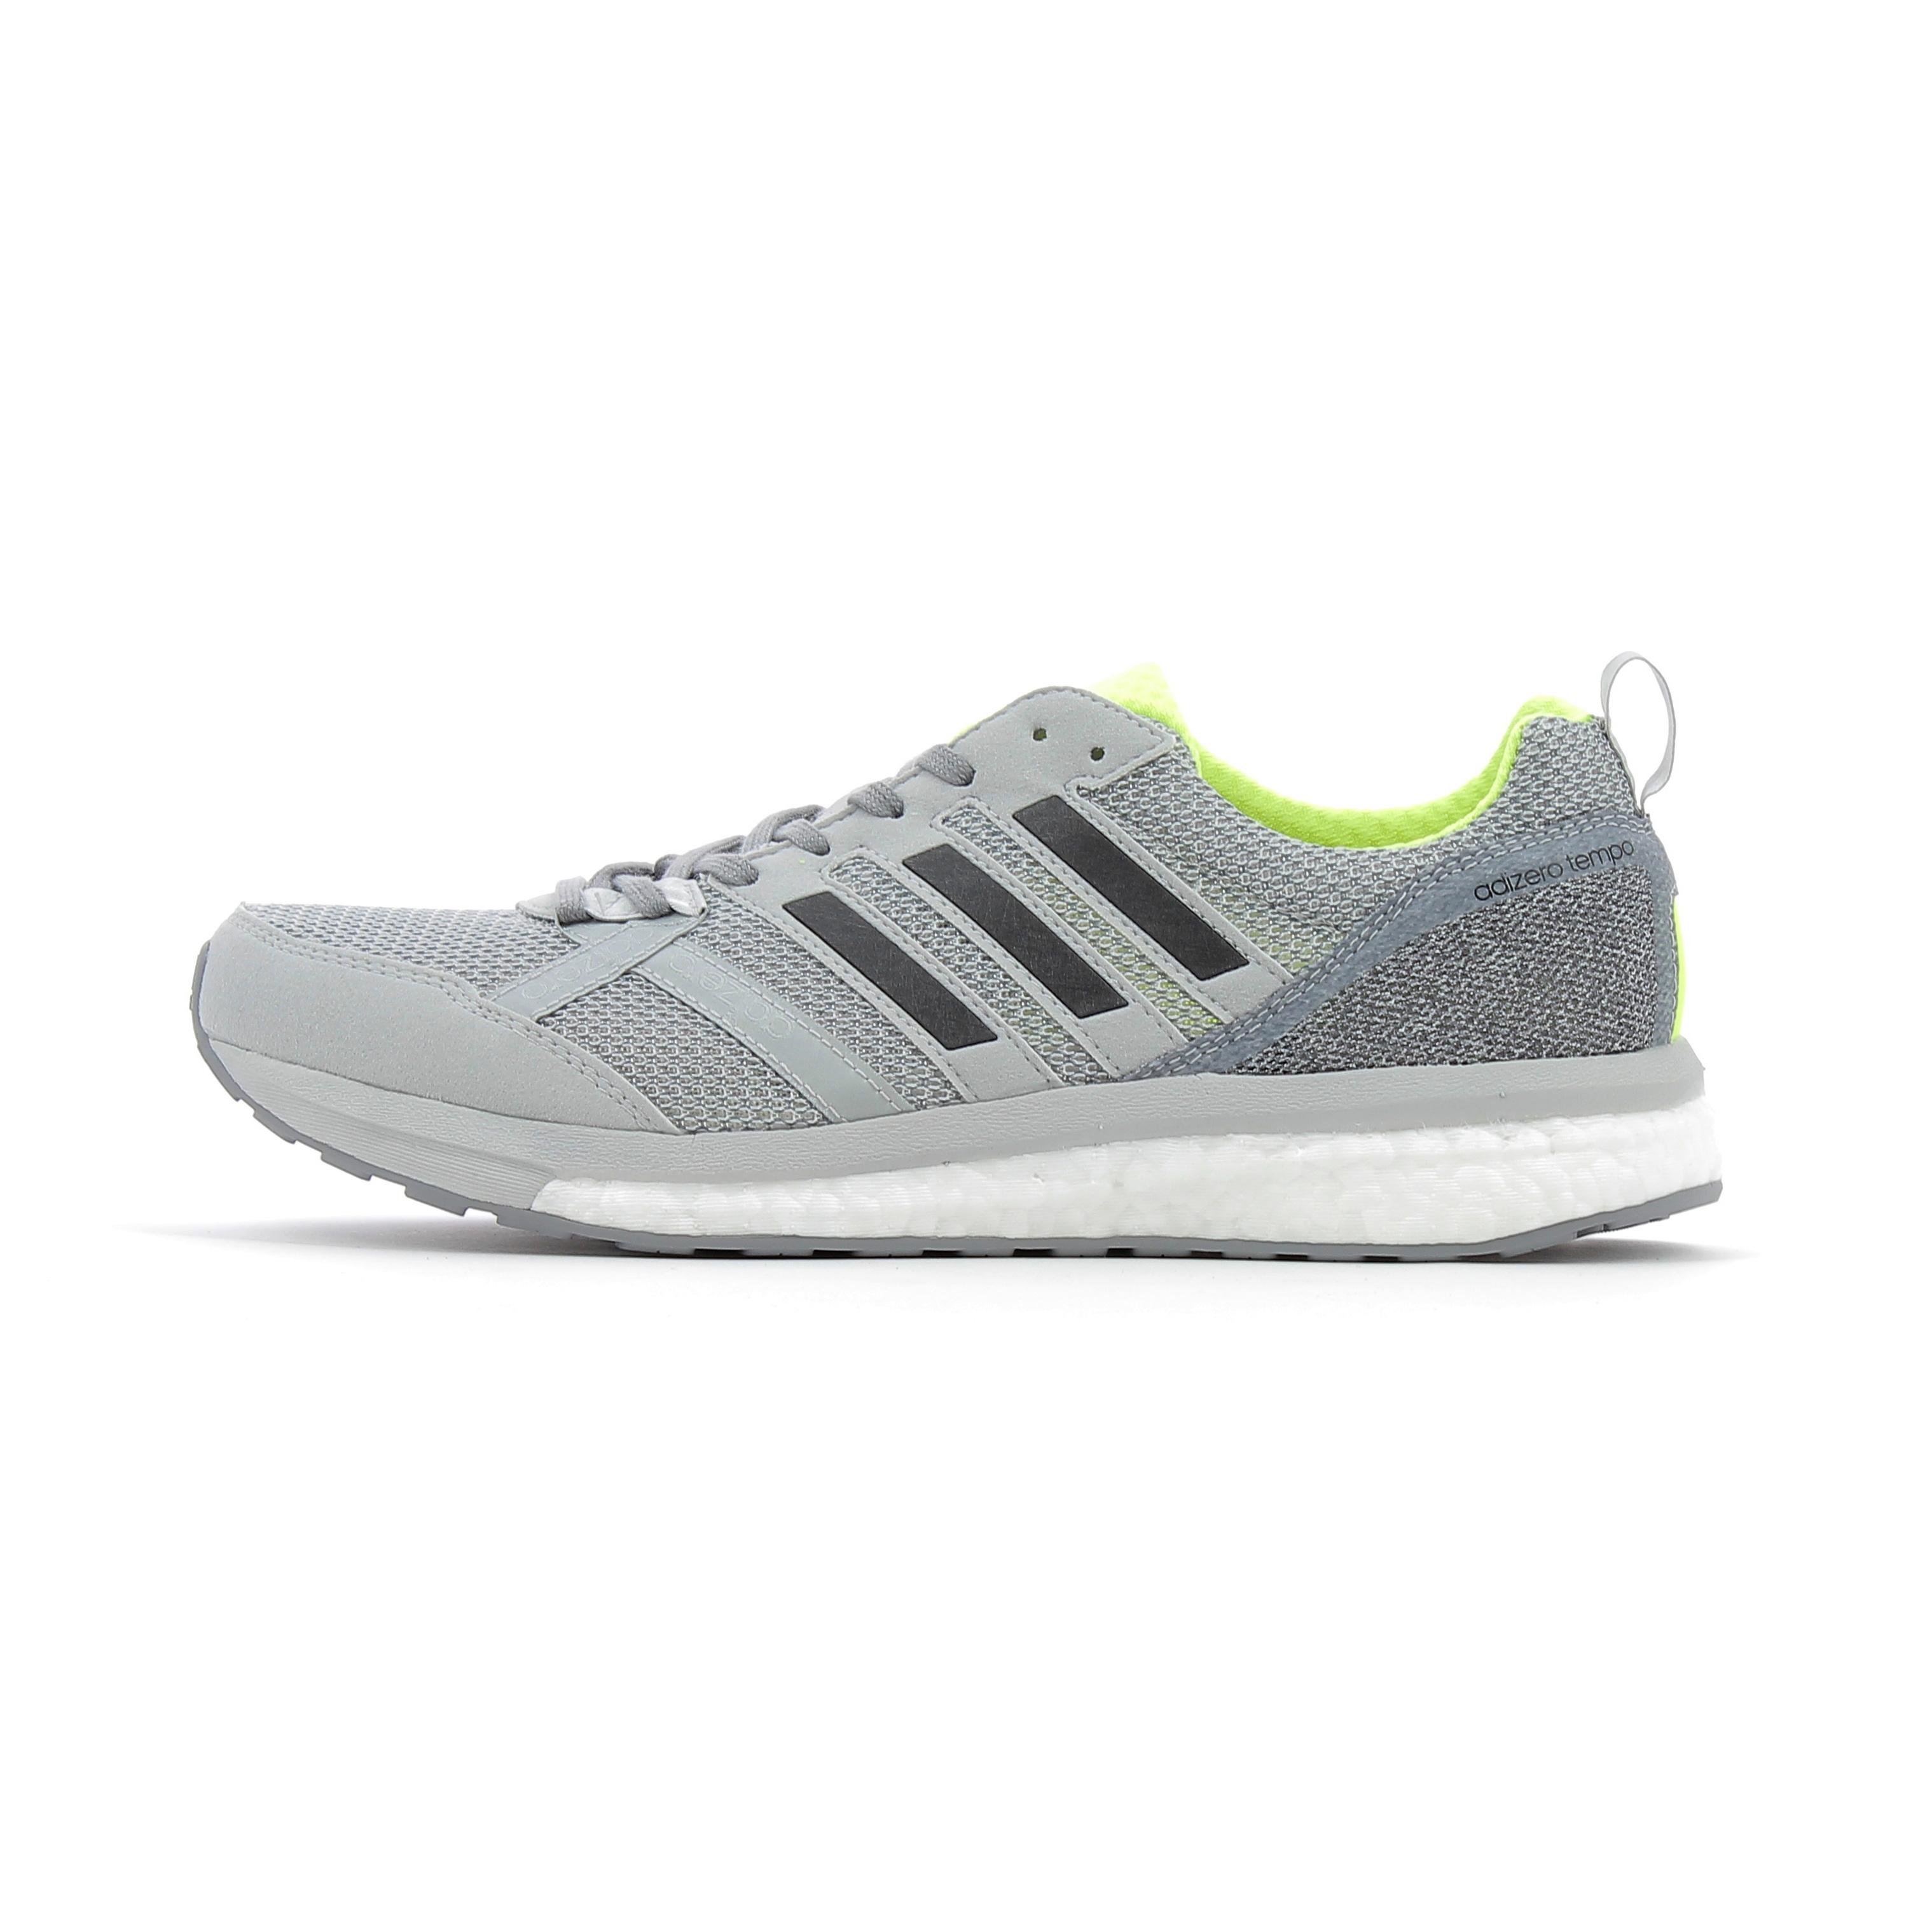 promo code 17d91 0ba20 Chaussures de Running adidas running Adizero Tempo 9 Gris